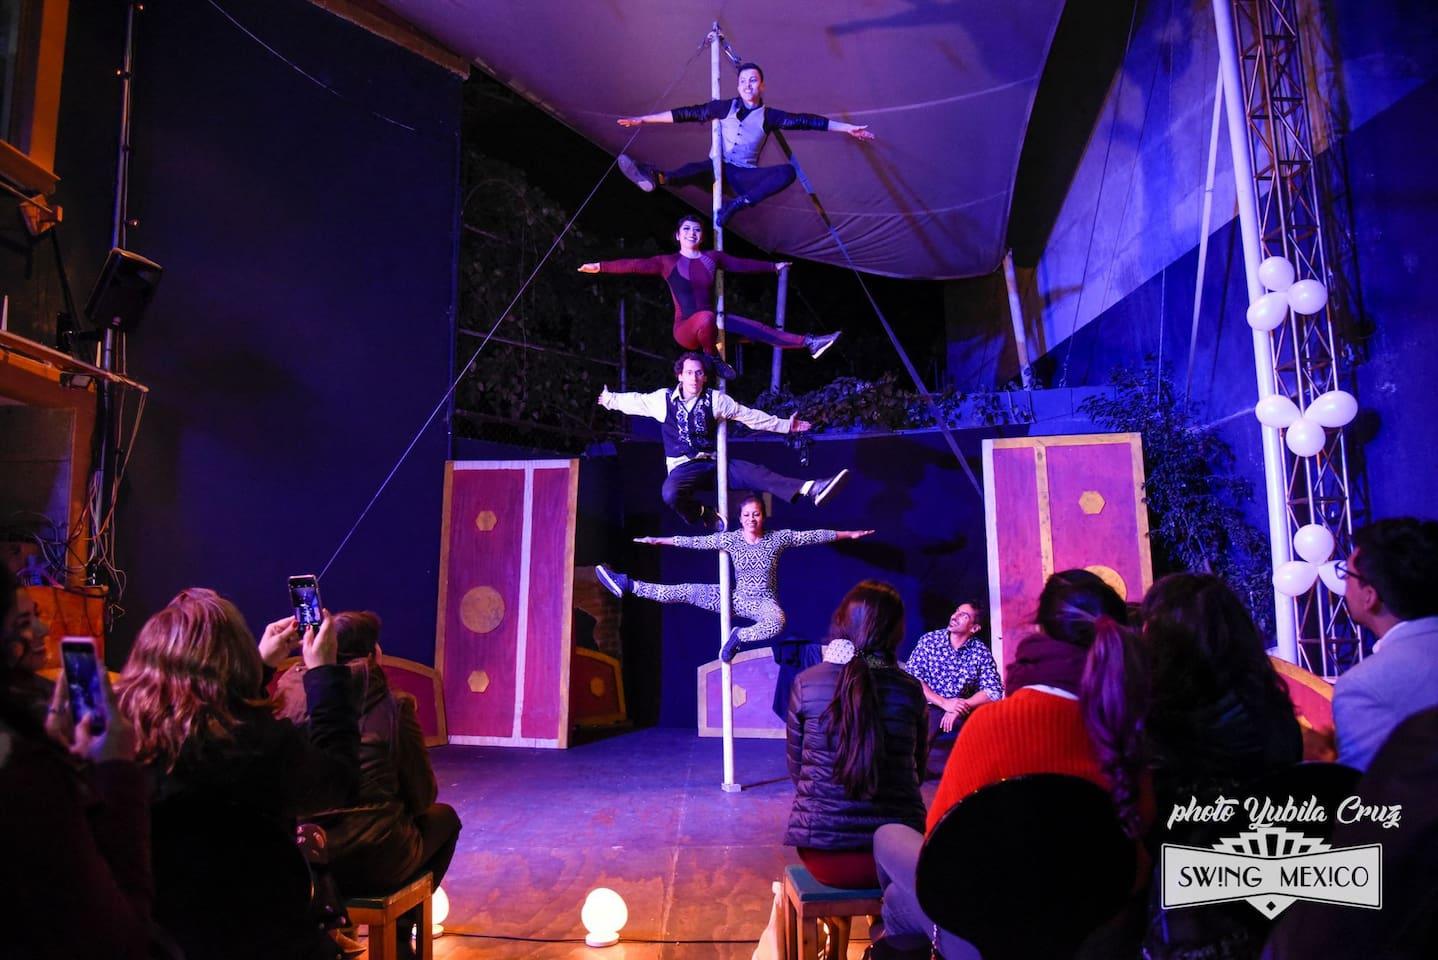 Shows una vez cada semana en nuestra espacio. Jazz, conciertos, Circo, Teatro y Bailar.   We have events at least once a week in our space. Jazz, music, theatre circus and dance.